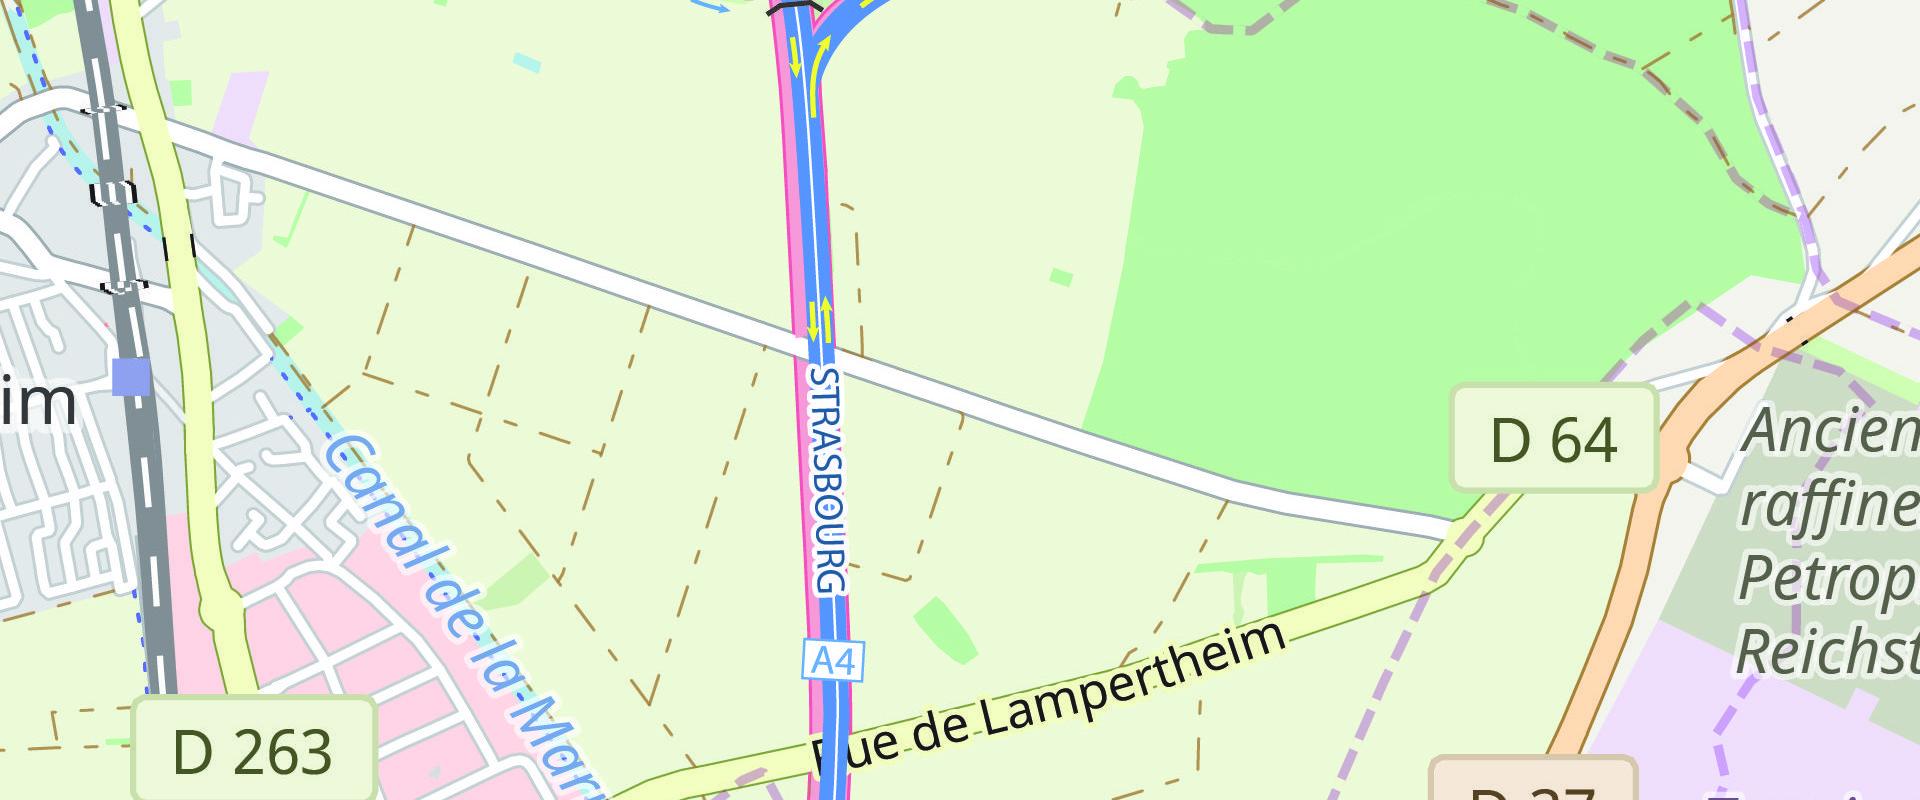 Pour les travaux du GCO, fermeture d'une bretelle de l'A4 au nord de Strasbourg jusqu'à la fin août